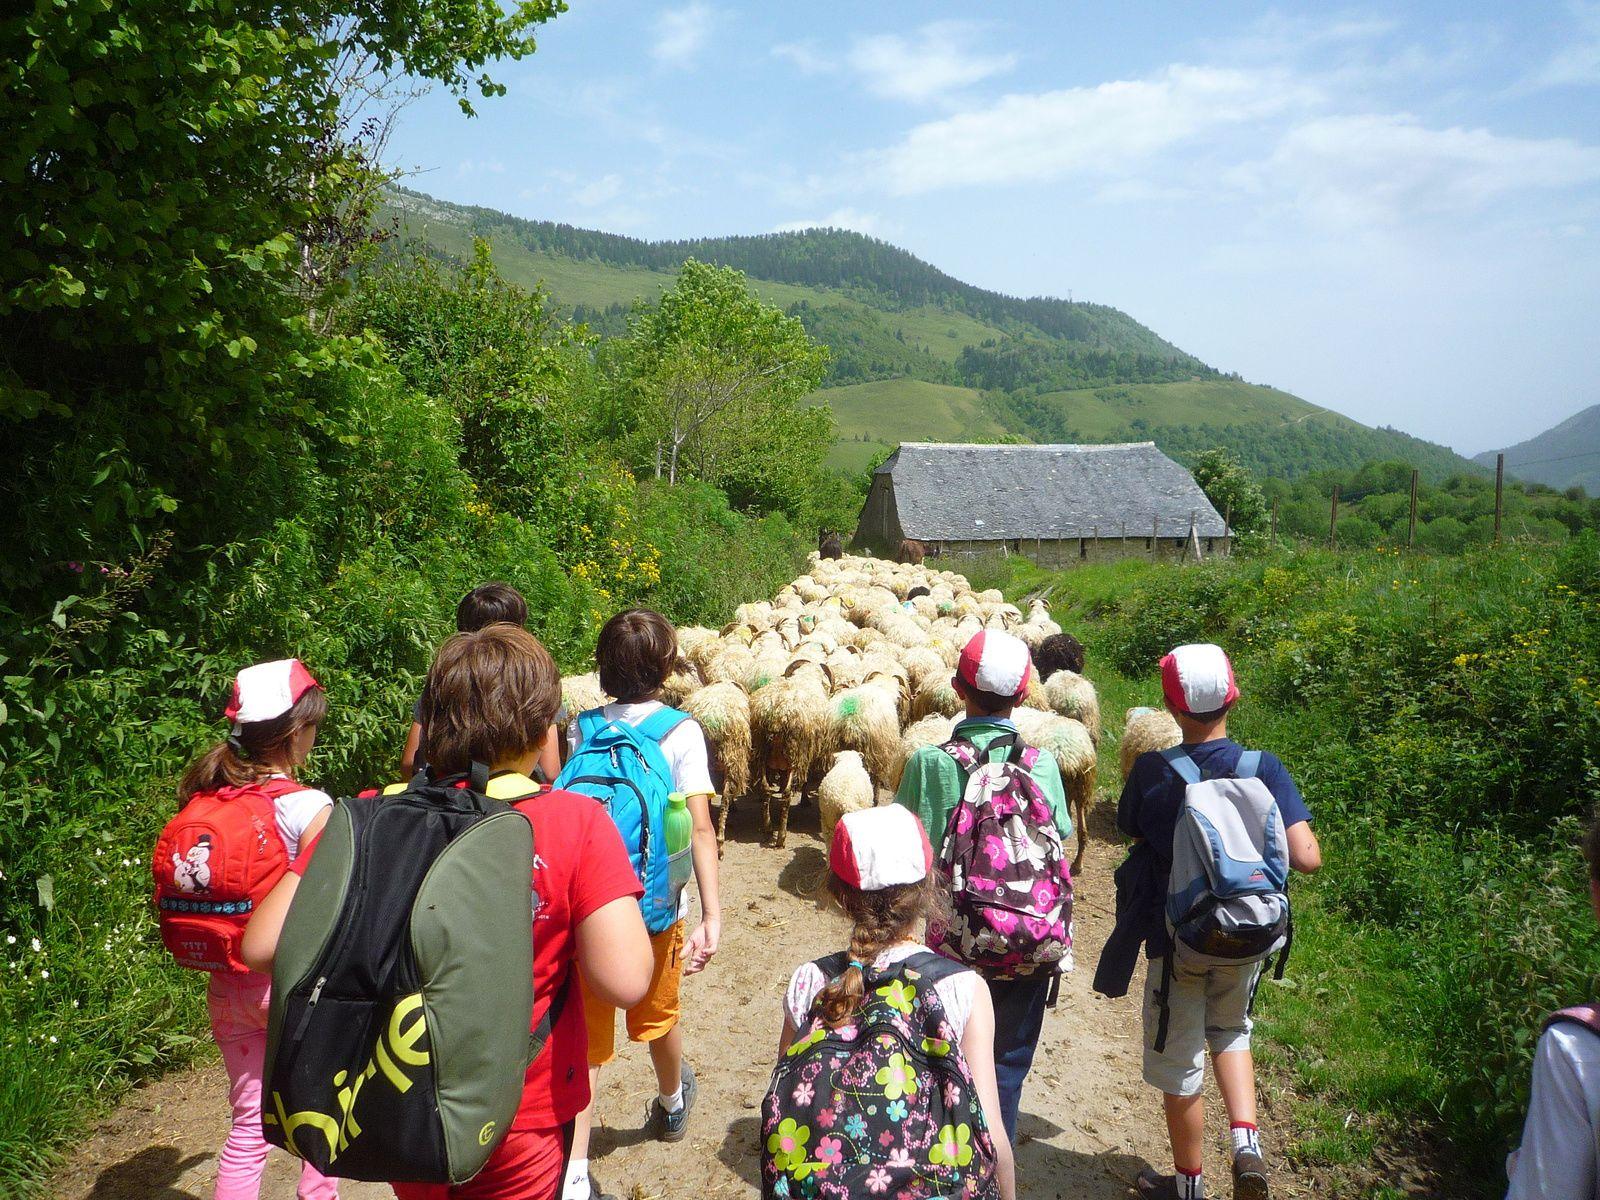 Et les bonnes surprises continuent : Les fermiers nous proposent de les aider à emmener le troupeau aux champs : 4 élèves à l'avant du troupeau, les autres en rabatteurs : Quelle joie de pouvoir faire ça ! Et qu'il était beau ce troupeau dans son grand espace de verdure !